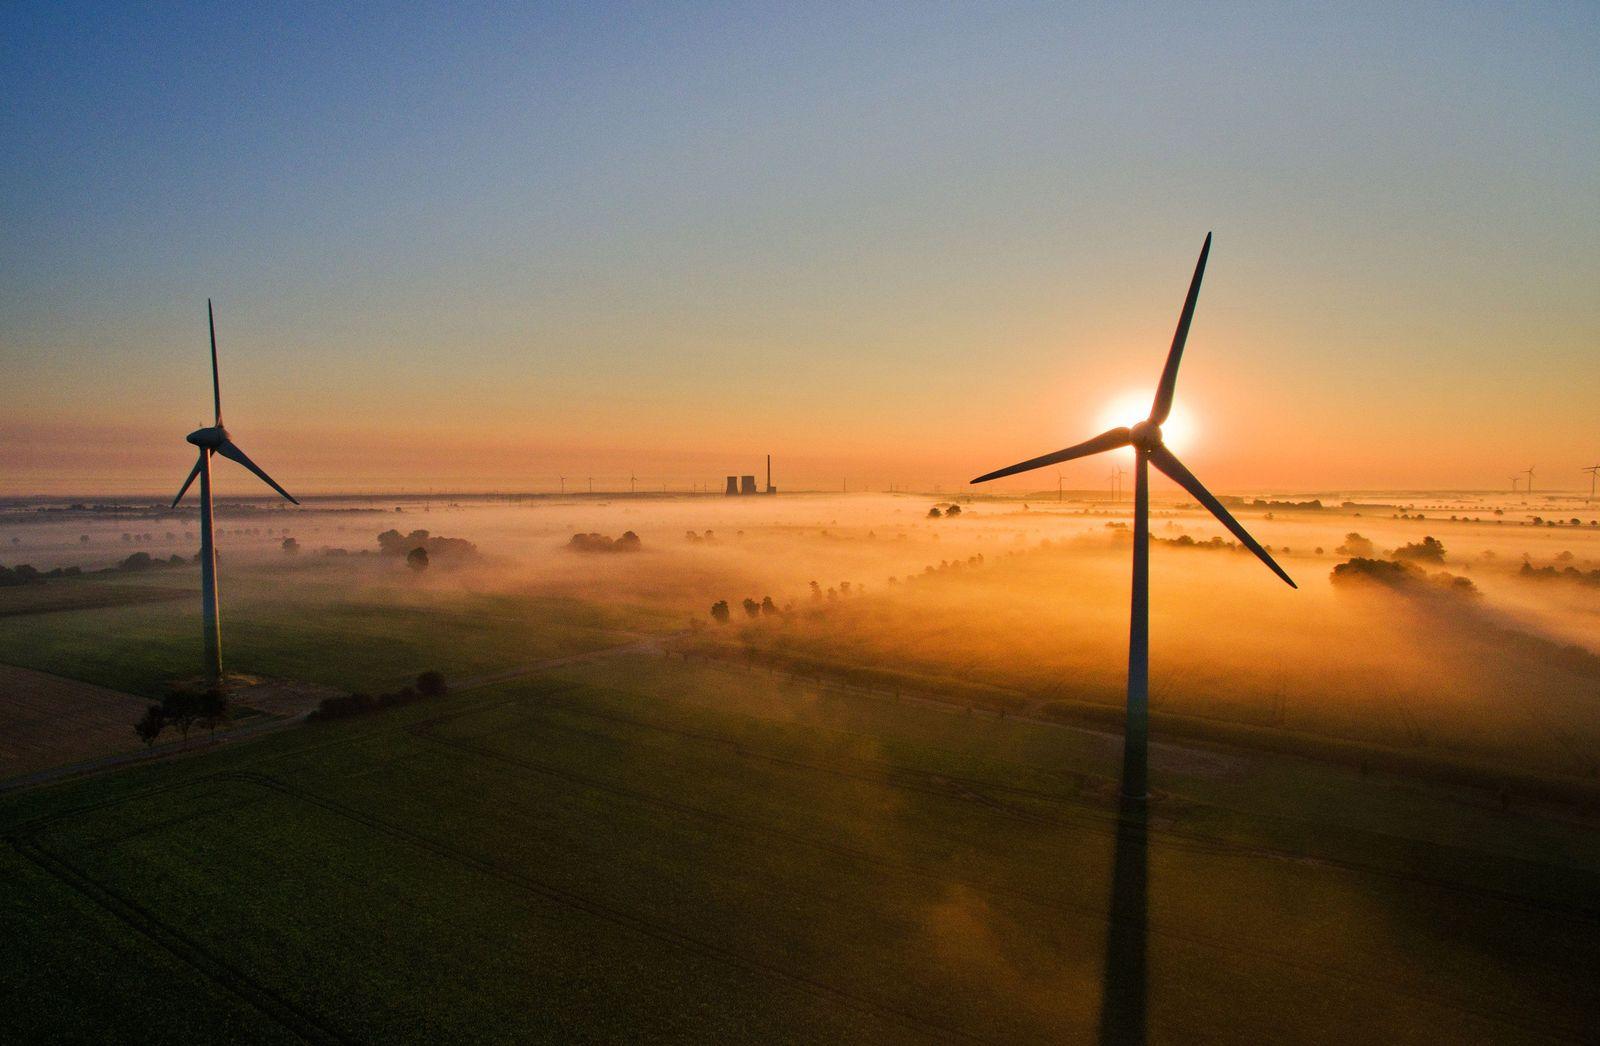 Windenergie / Windräder / Erneuerbare Energien / Erneuerbare Energie